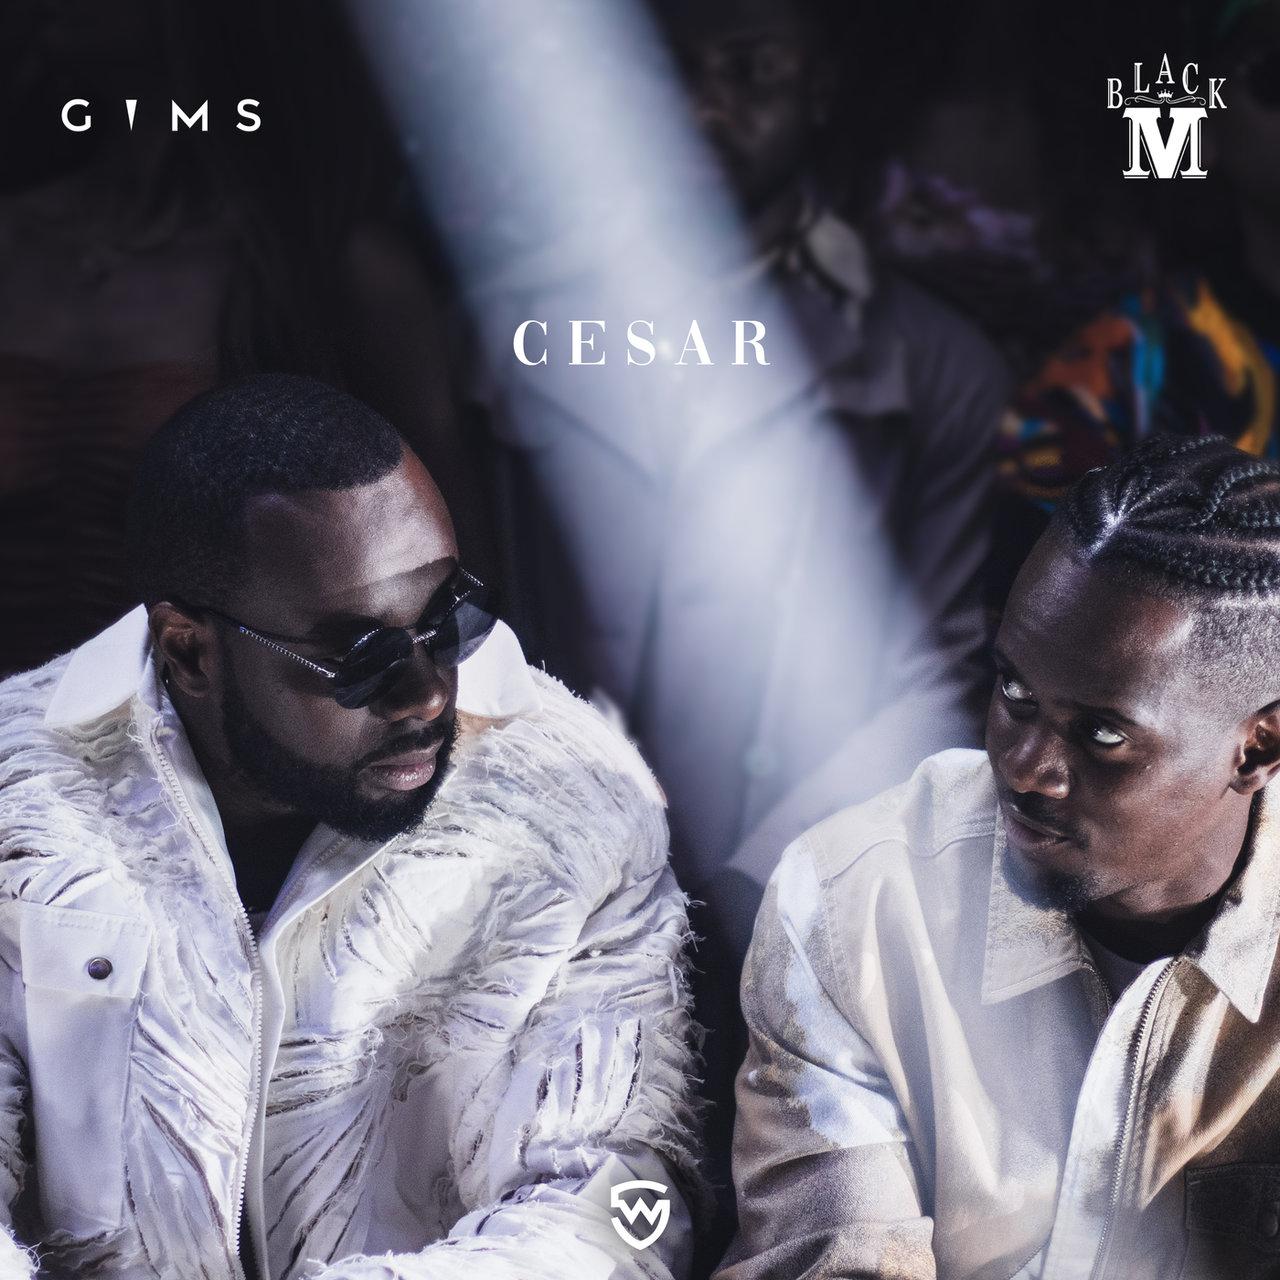 Black M - Cesar (ft. Gims) (Cover)